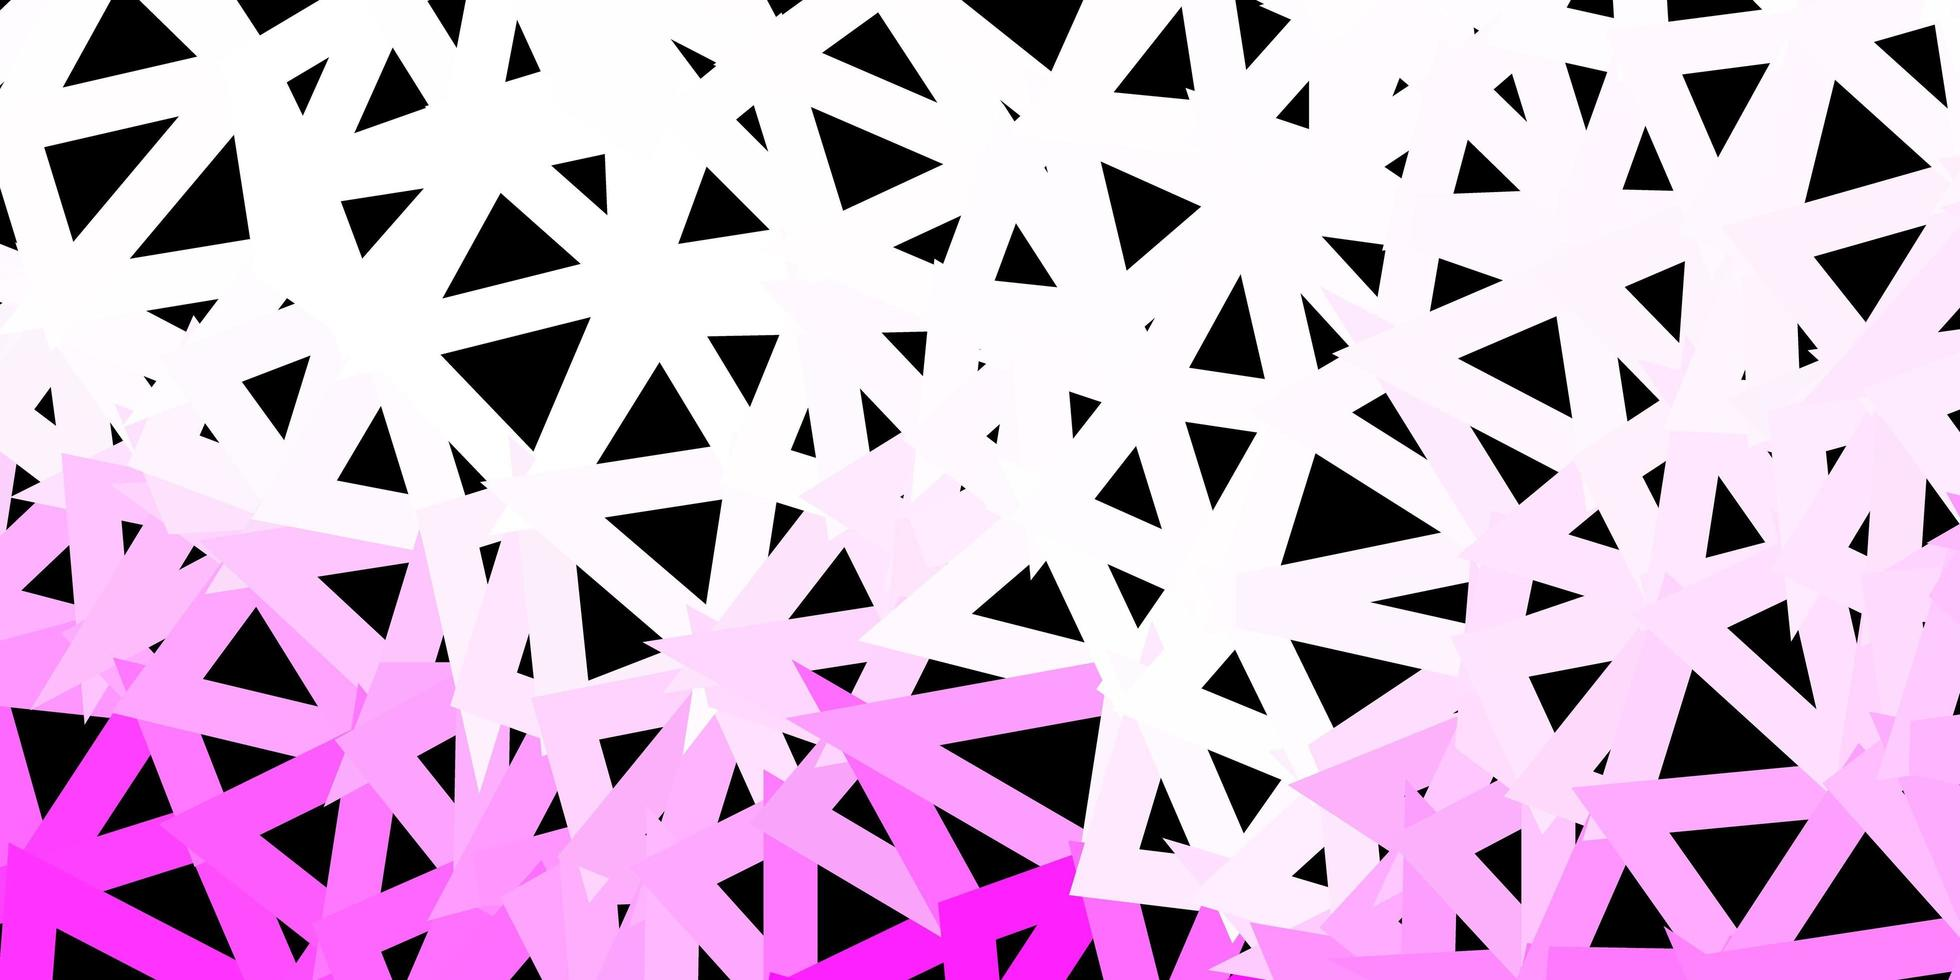 fond polygonale de vecteur rose clair.